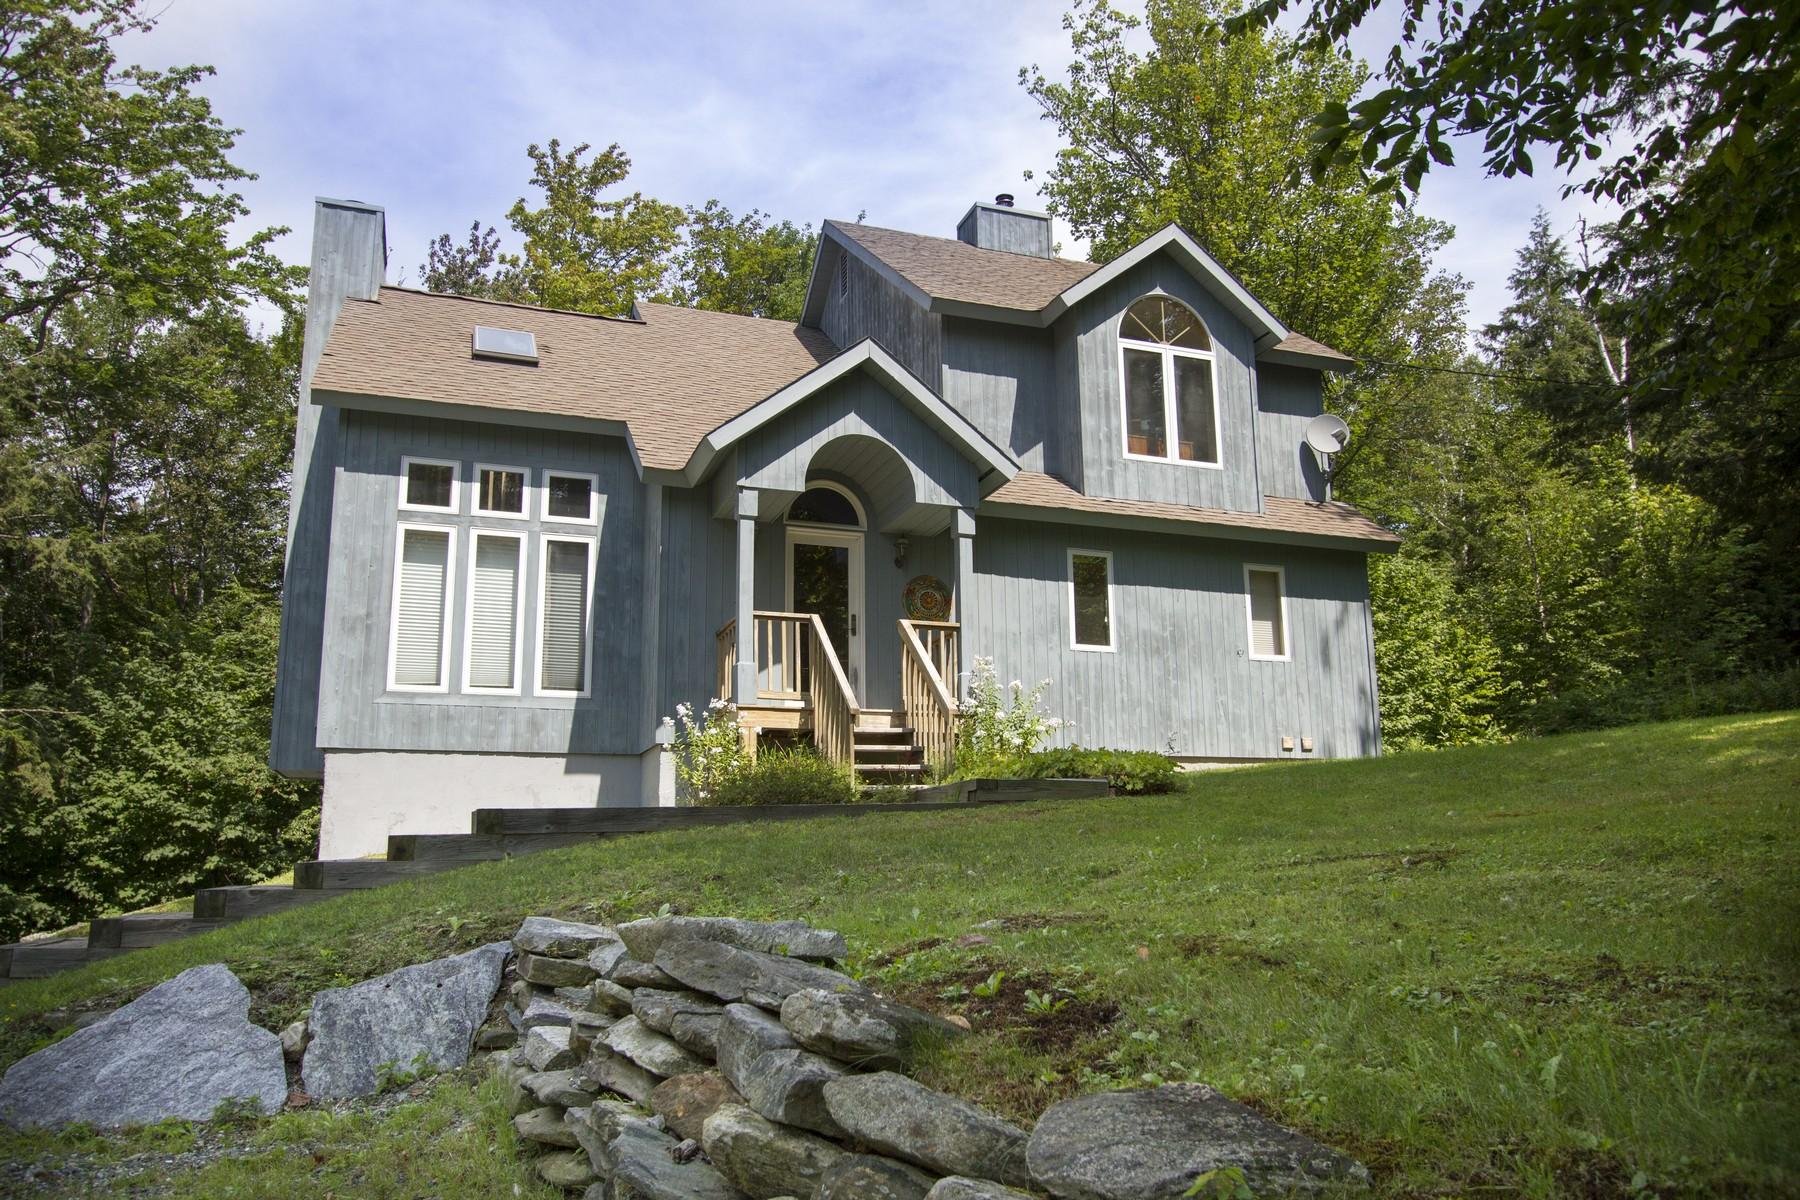 단독 가정 주택 용 매매 에 43 Todd Hill, Winhall Winhall, 베르몬트, 05340 미국